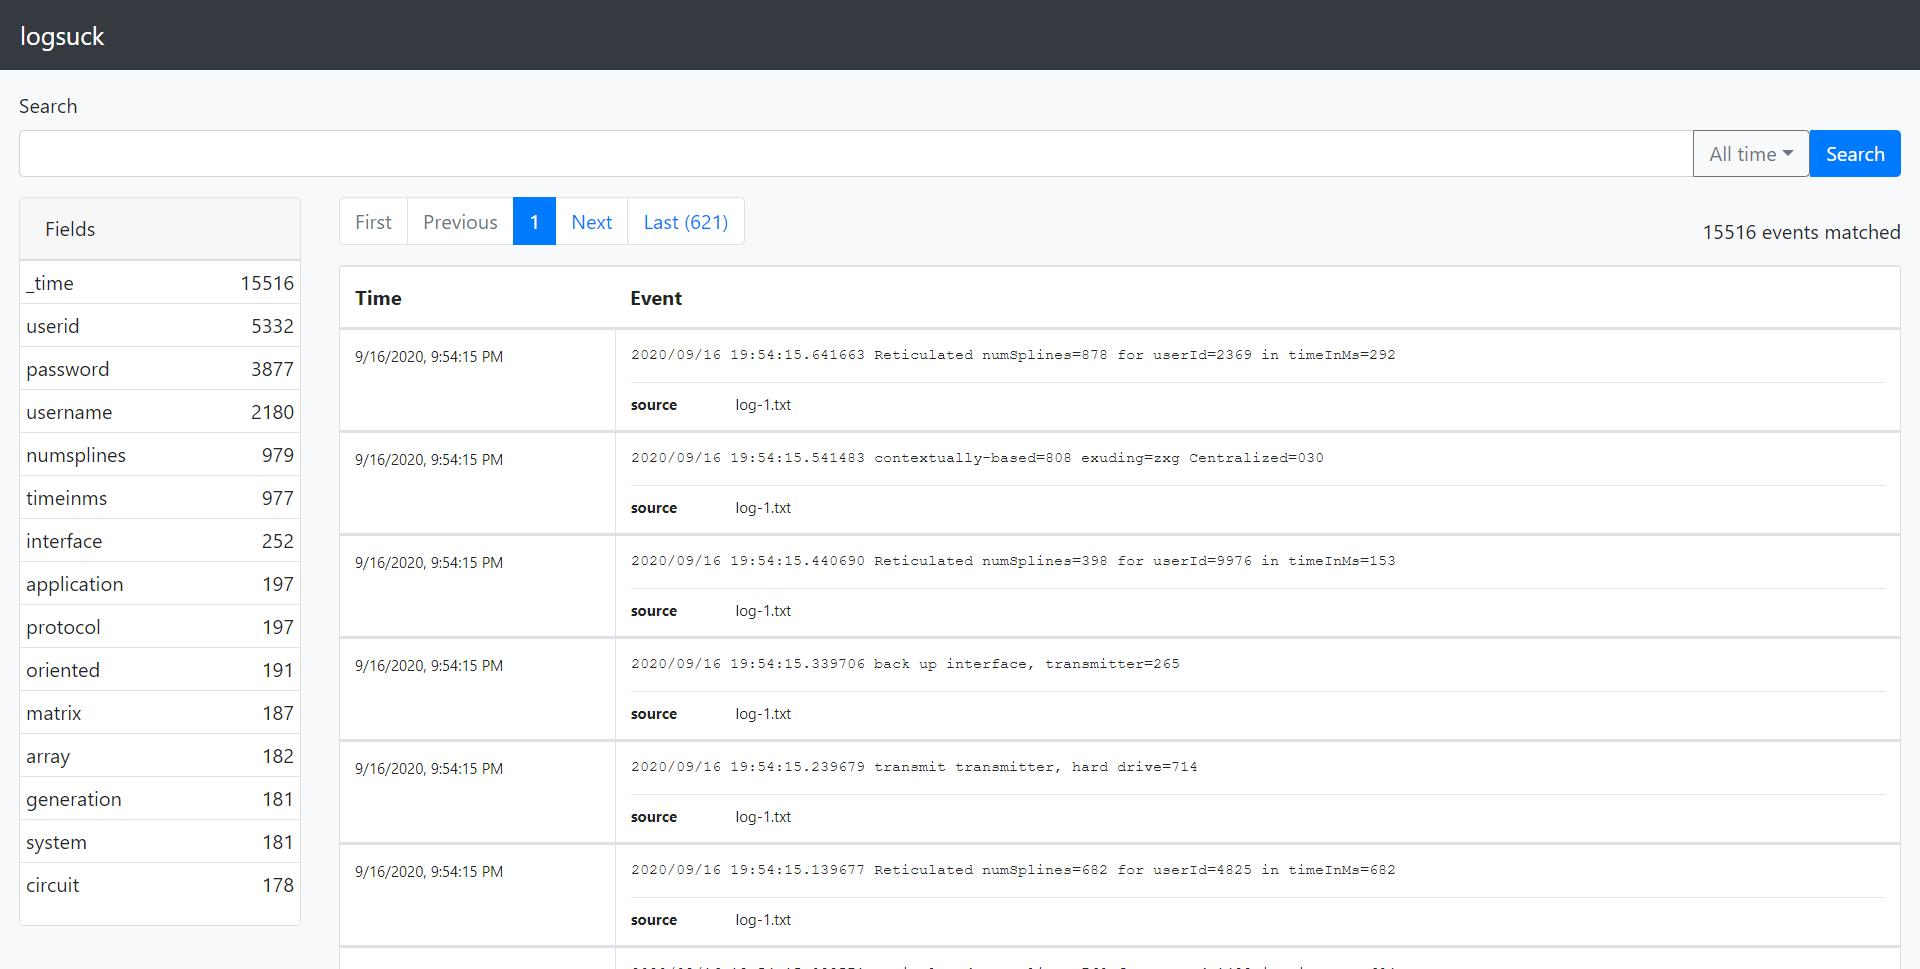 a screenshot of the Logsuck GUI